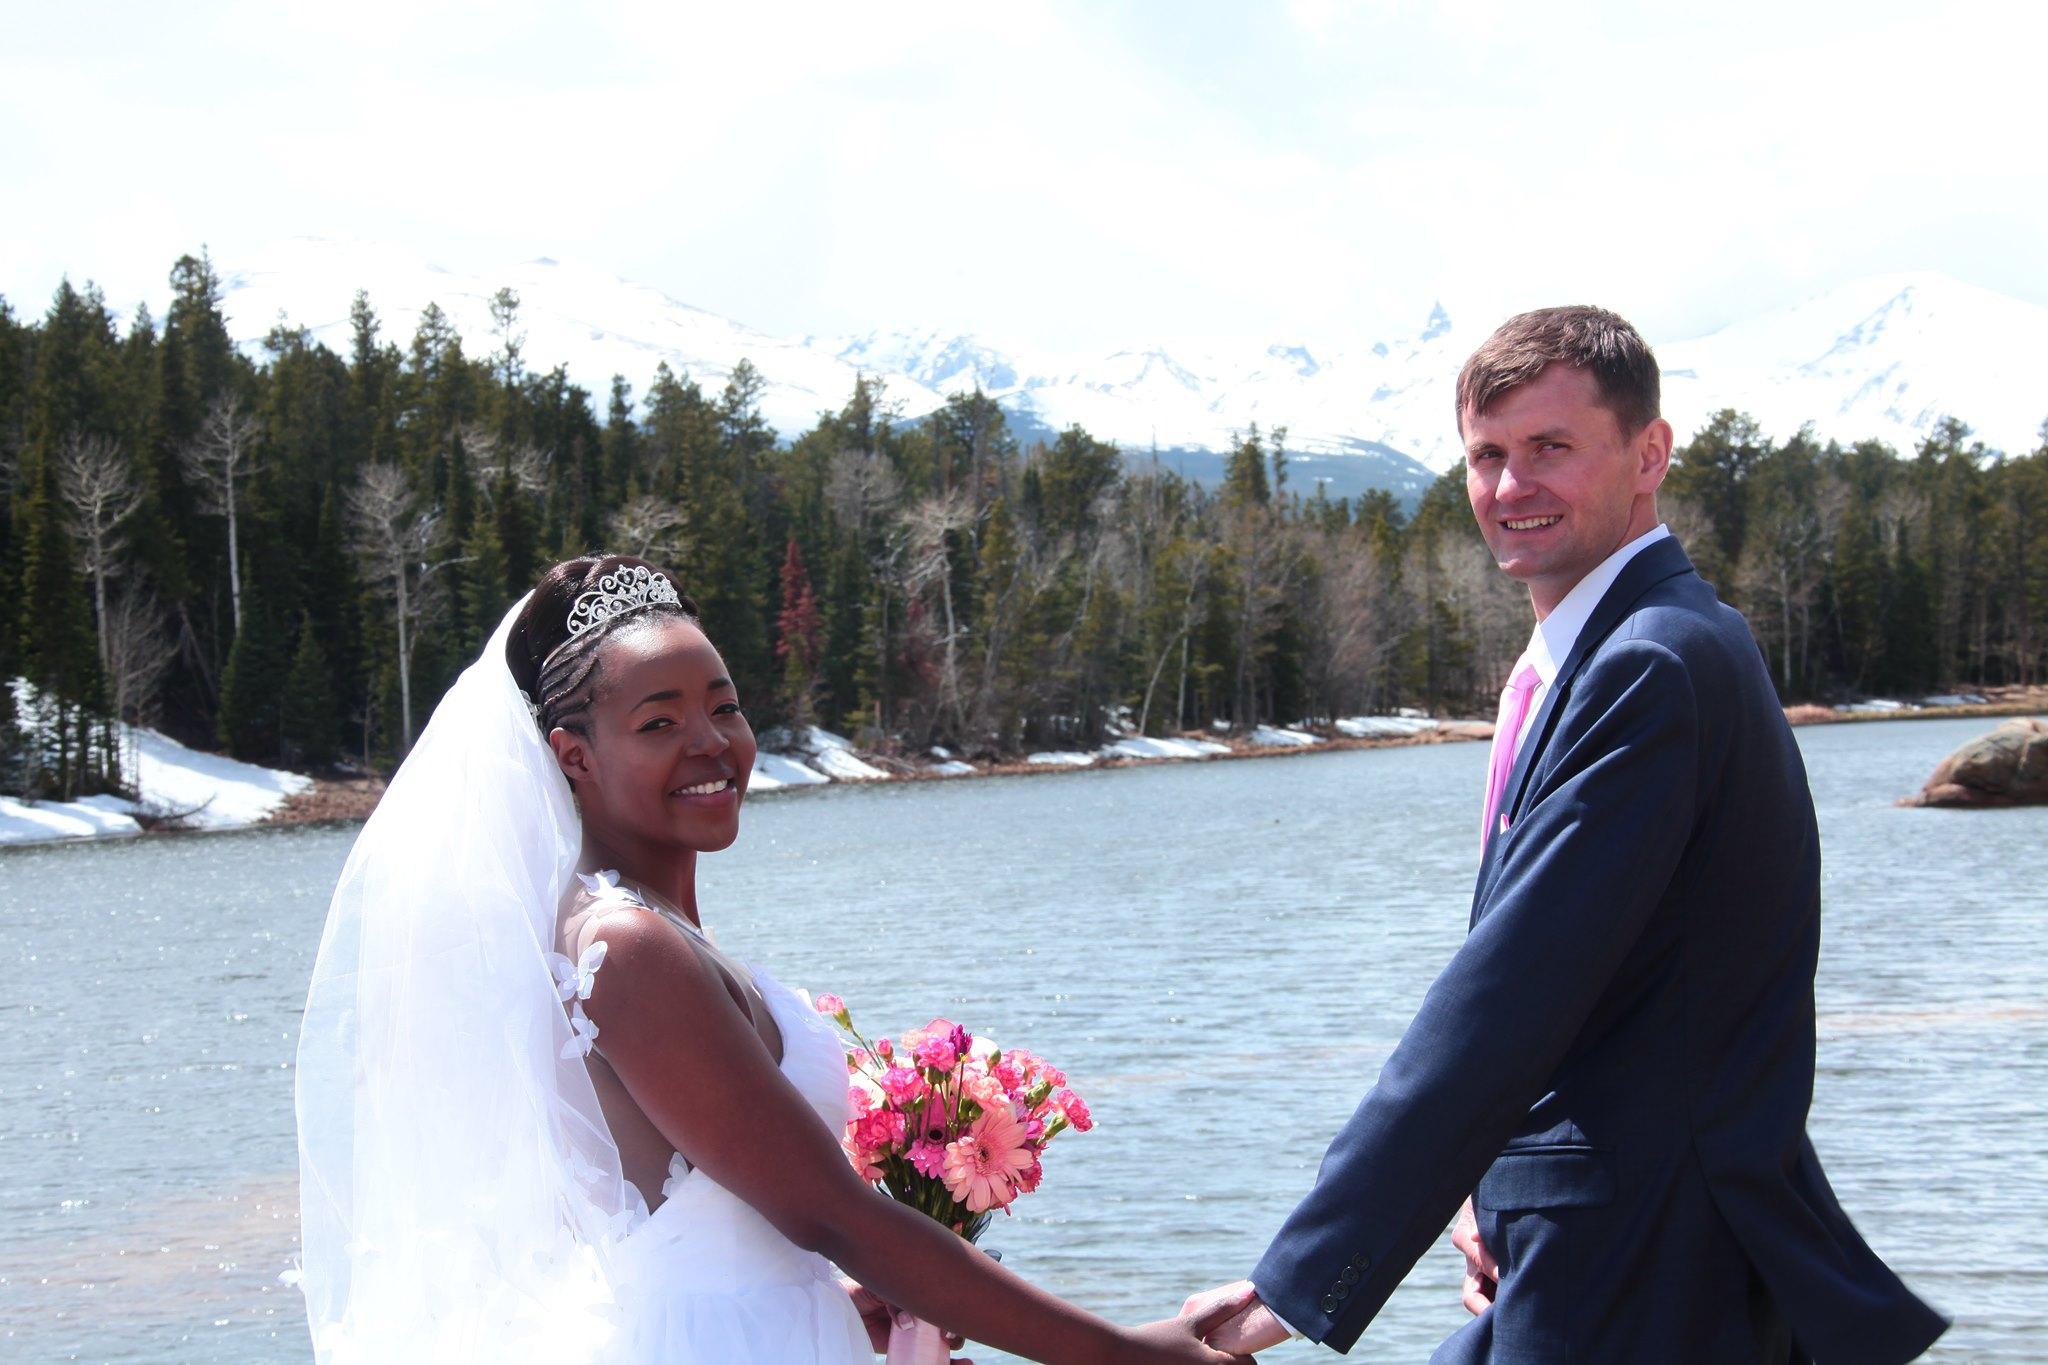 Muwanga WeddingMay 2019